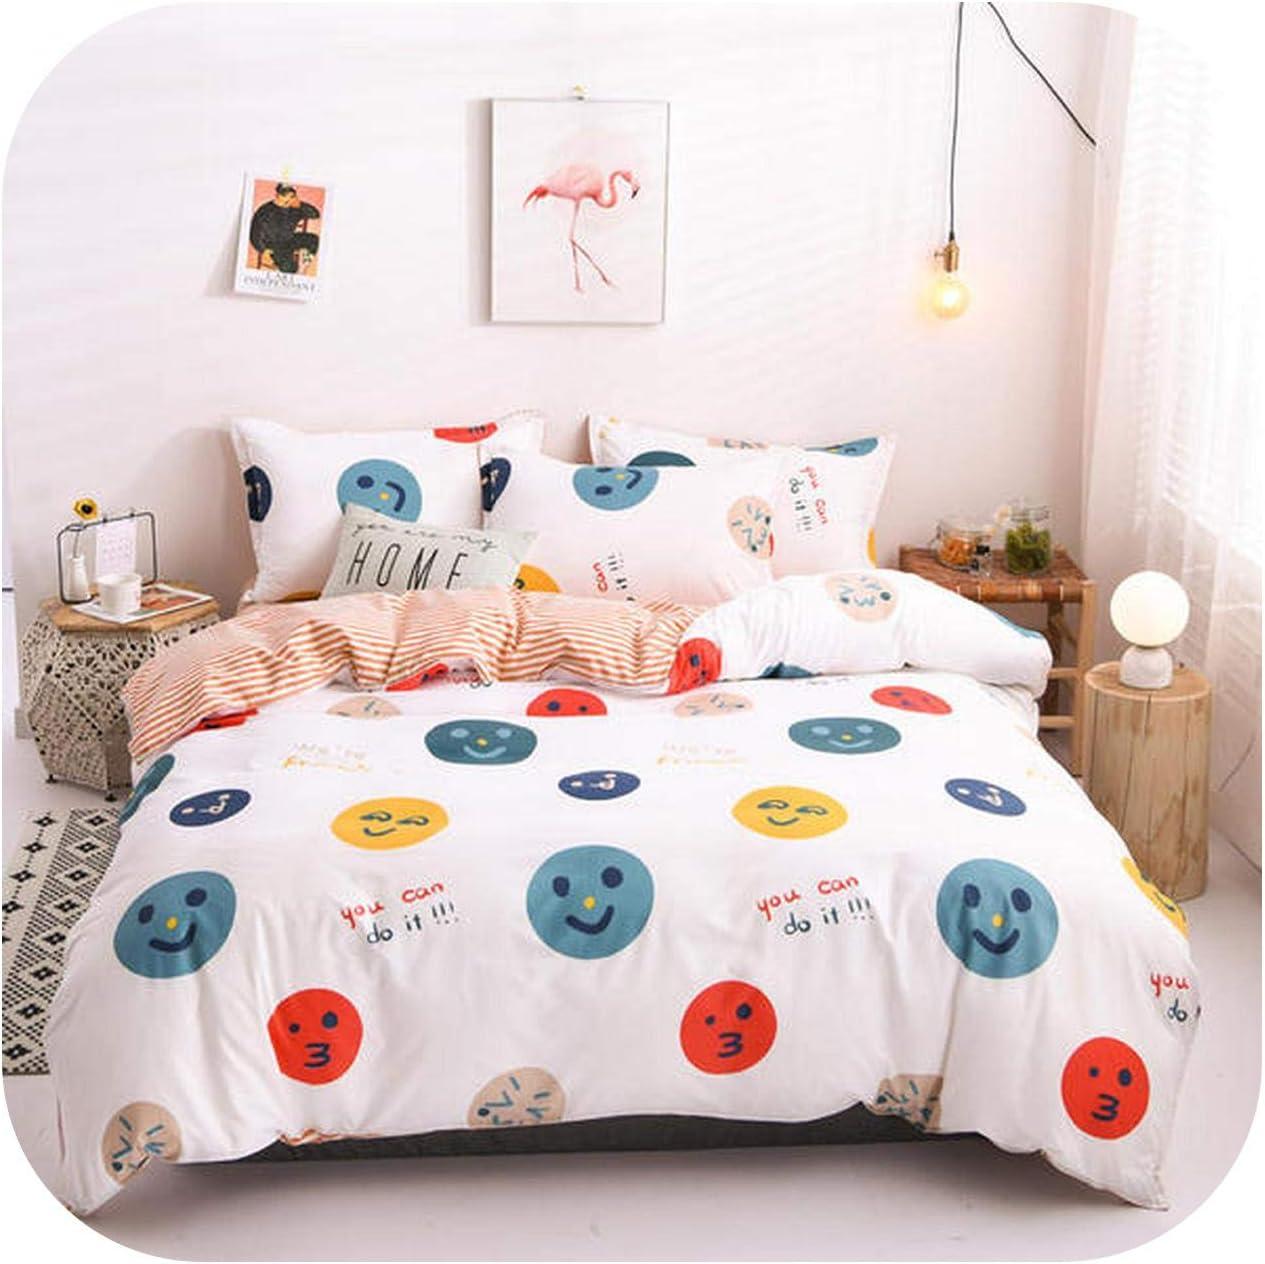 Home bedroom xxx top porn images